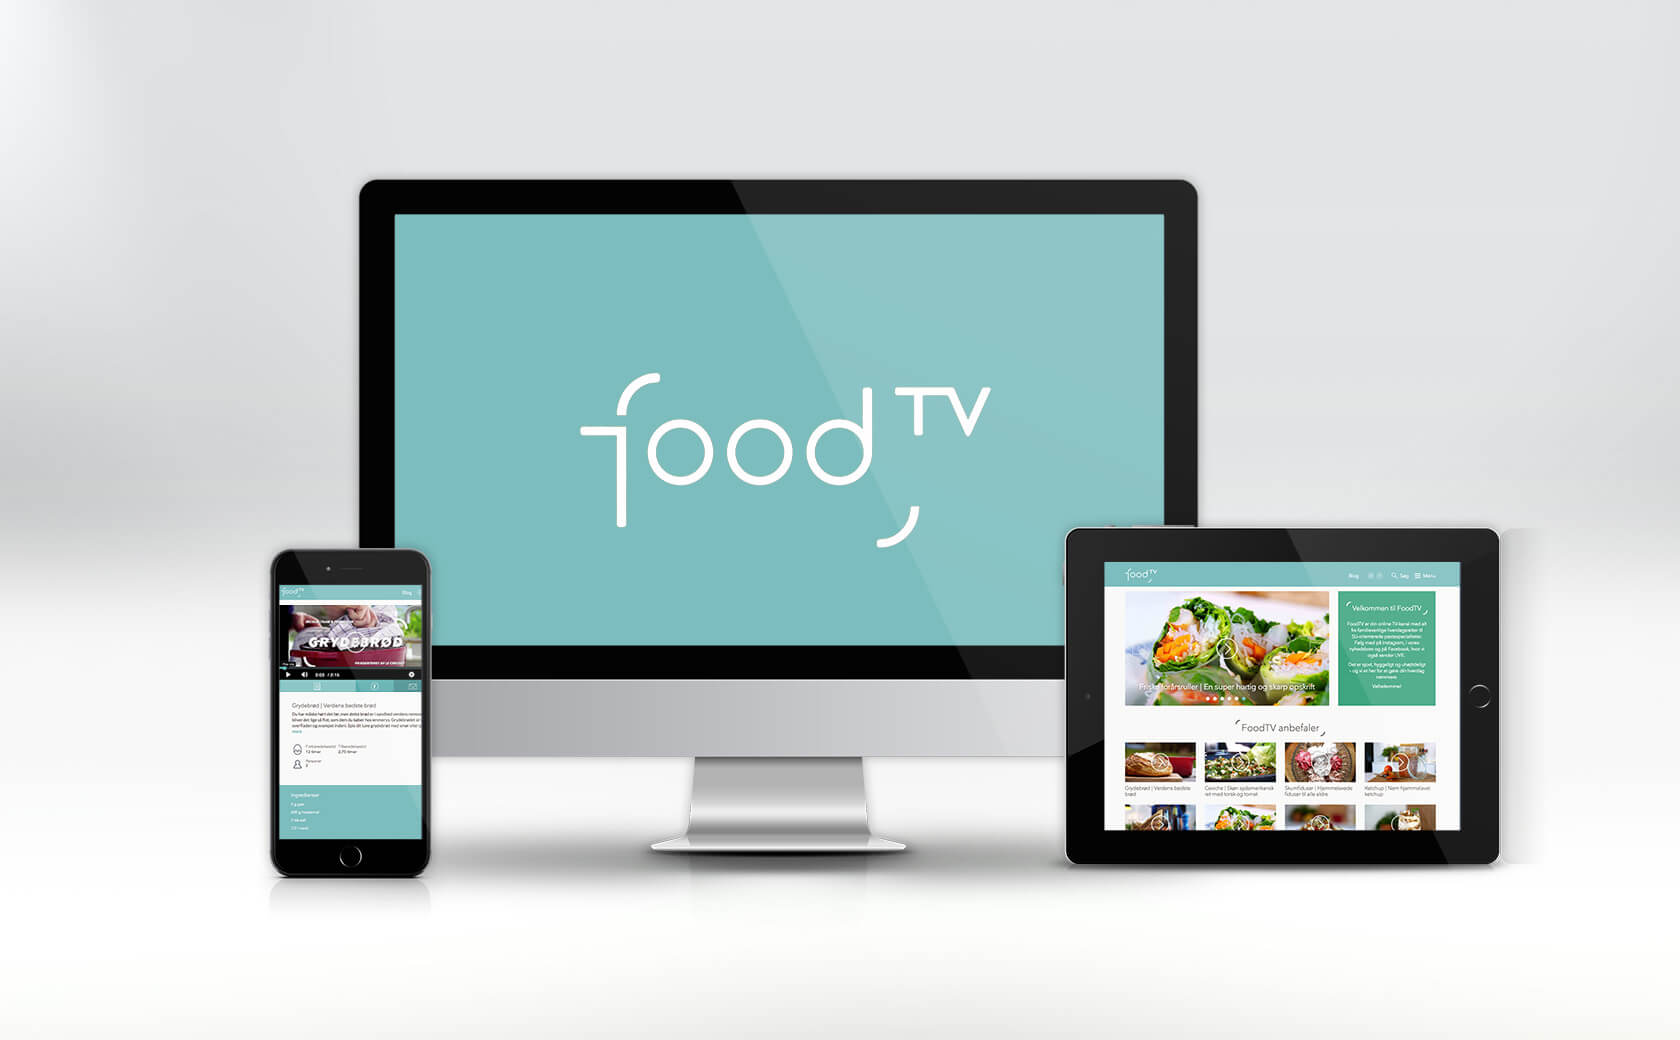 FoodTV website